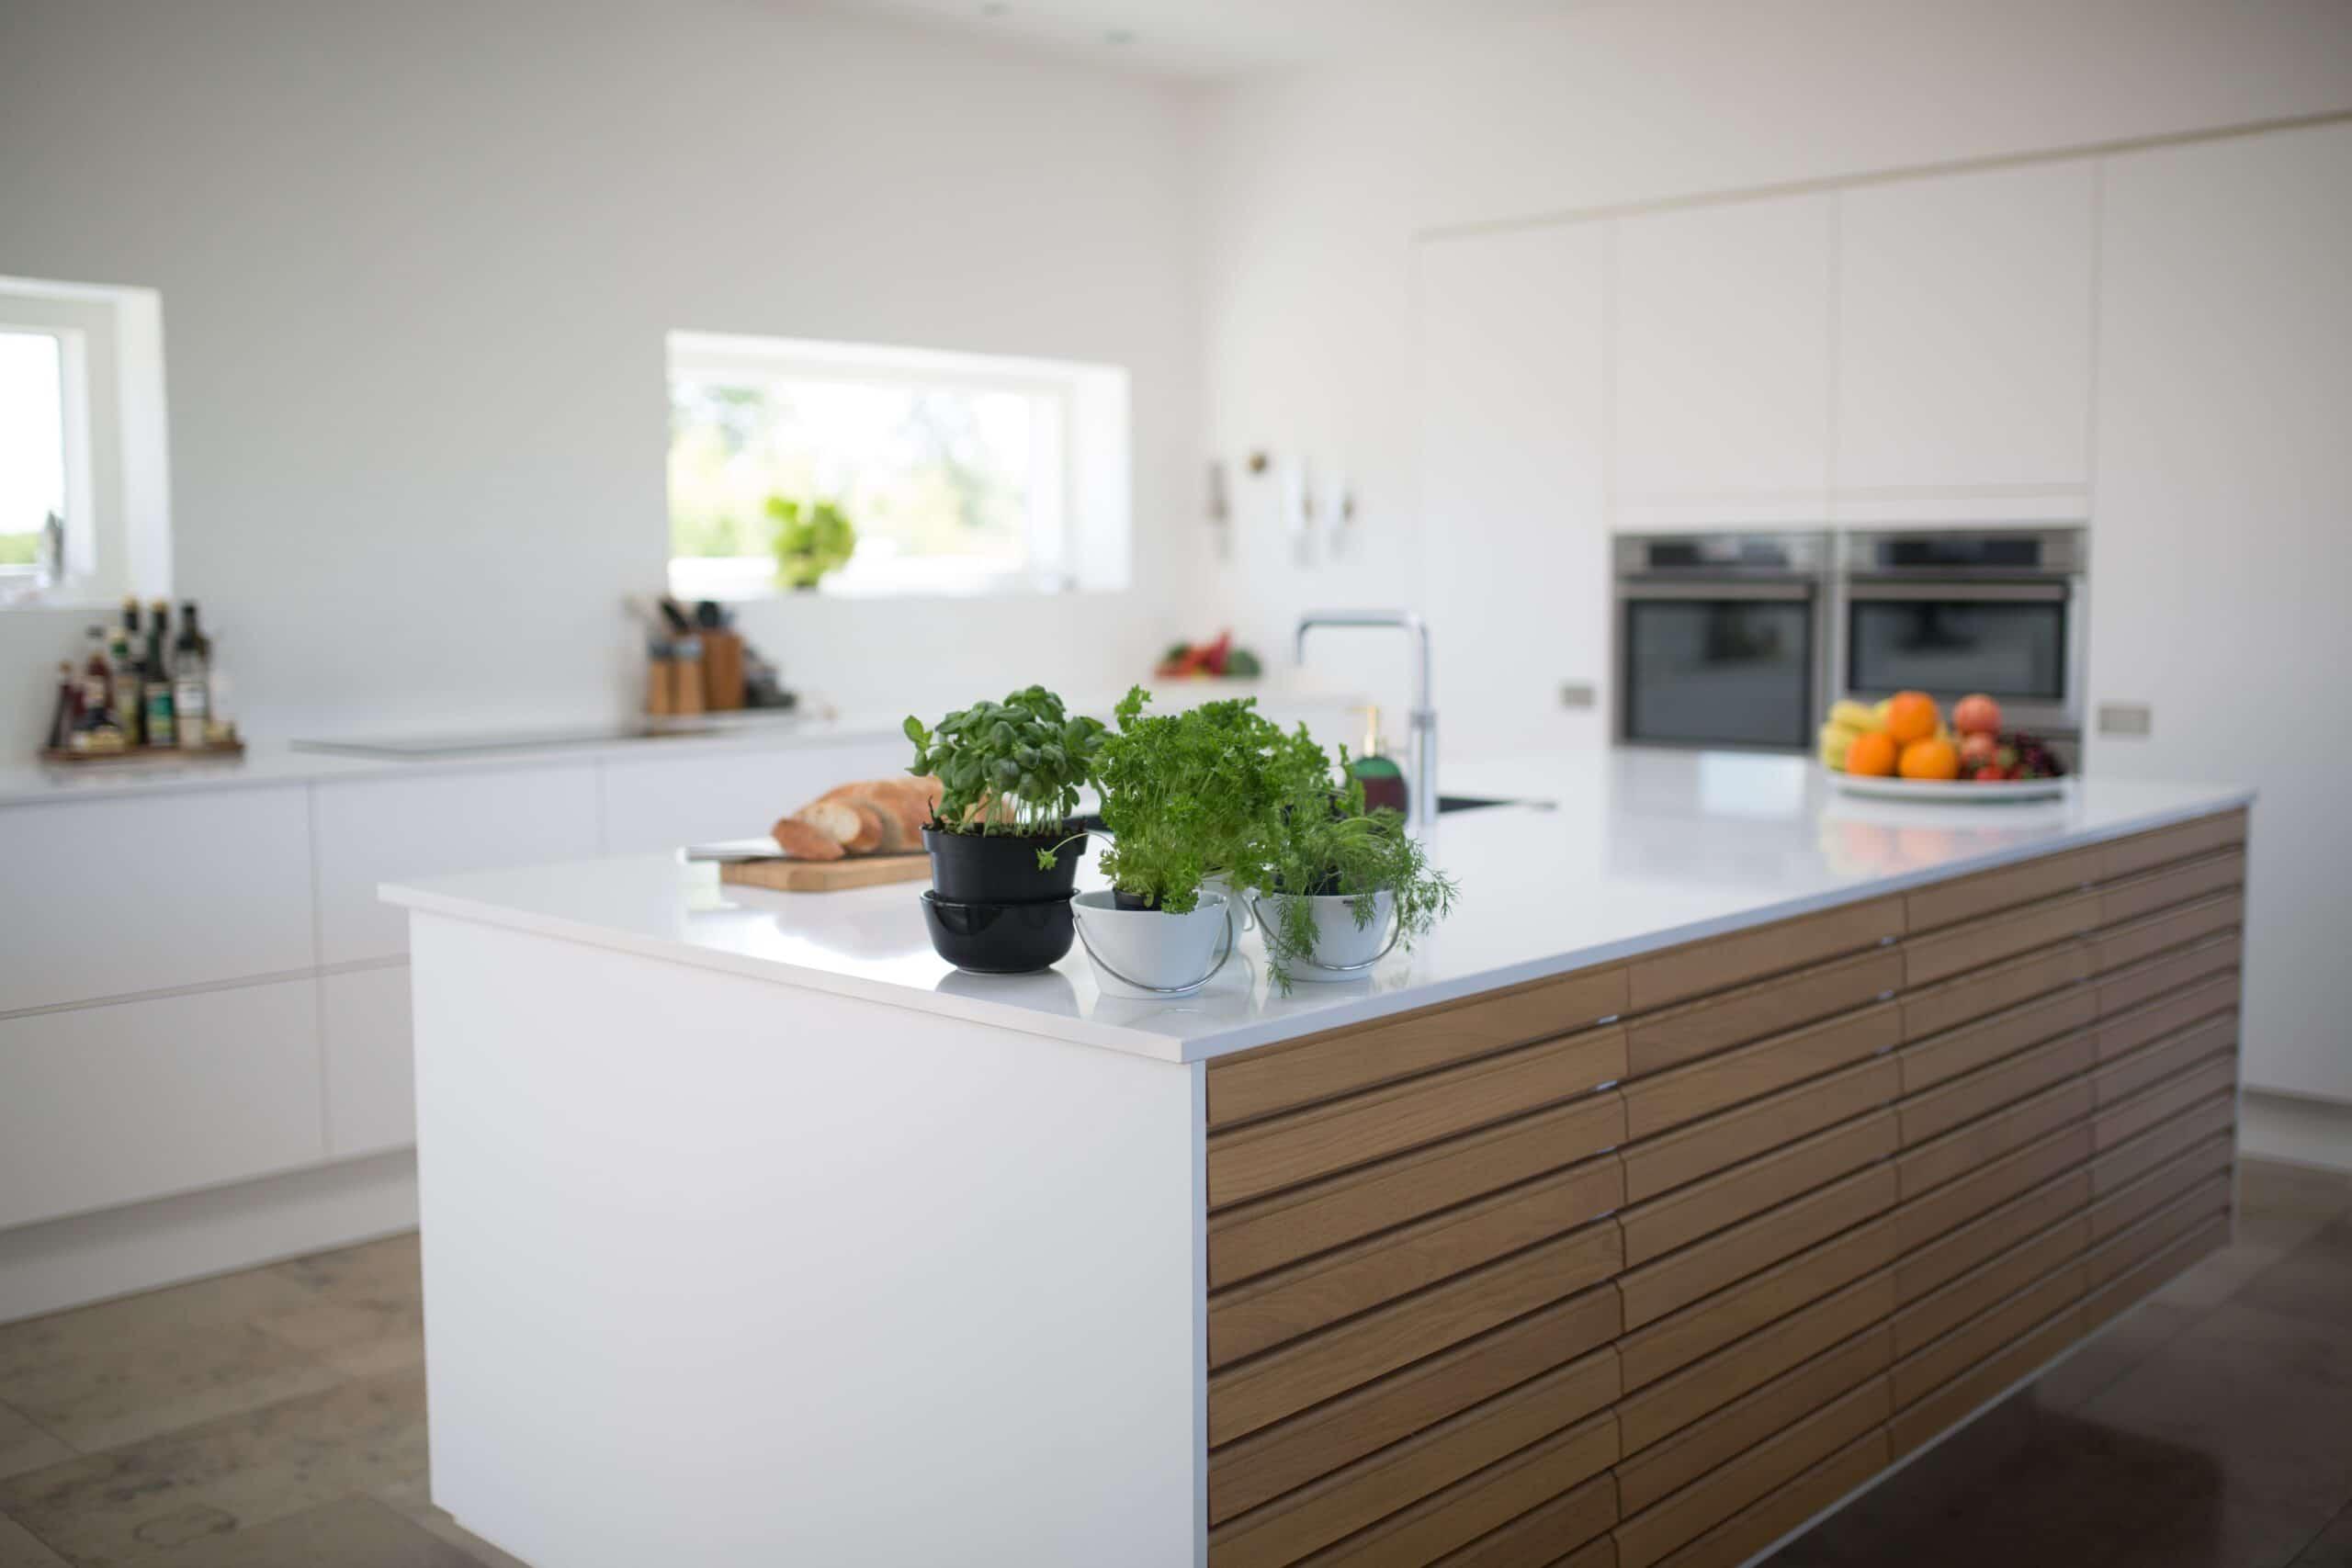 Sådan får du råd til et nyt køkken